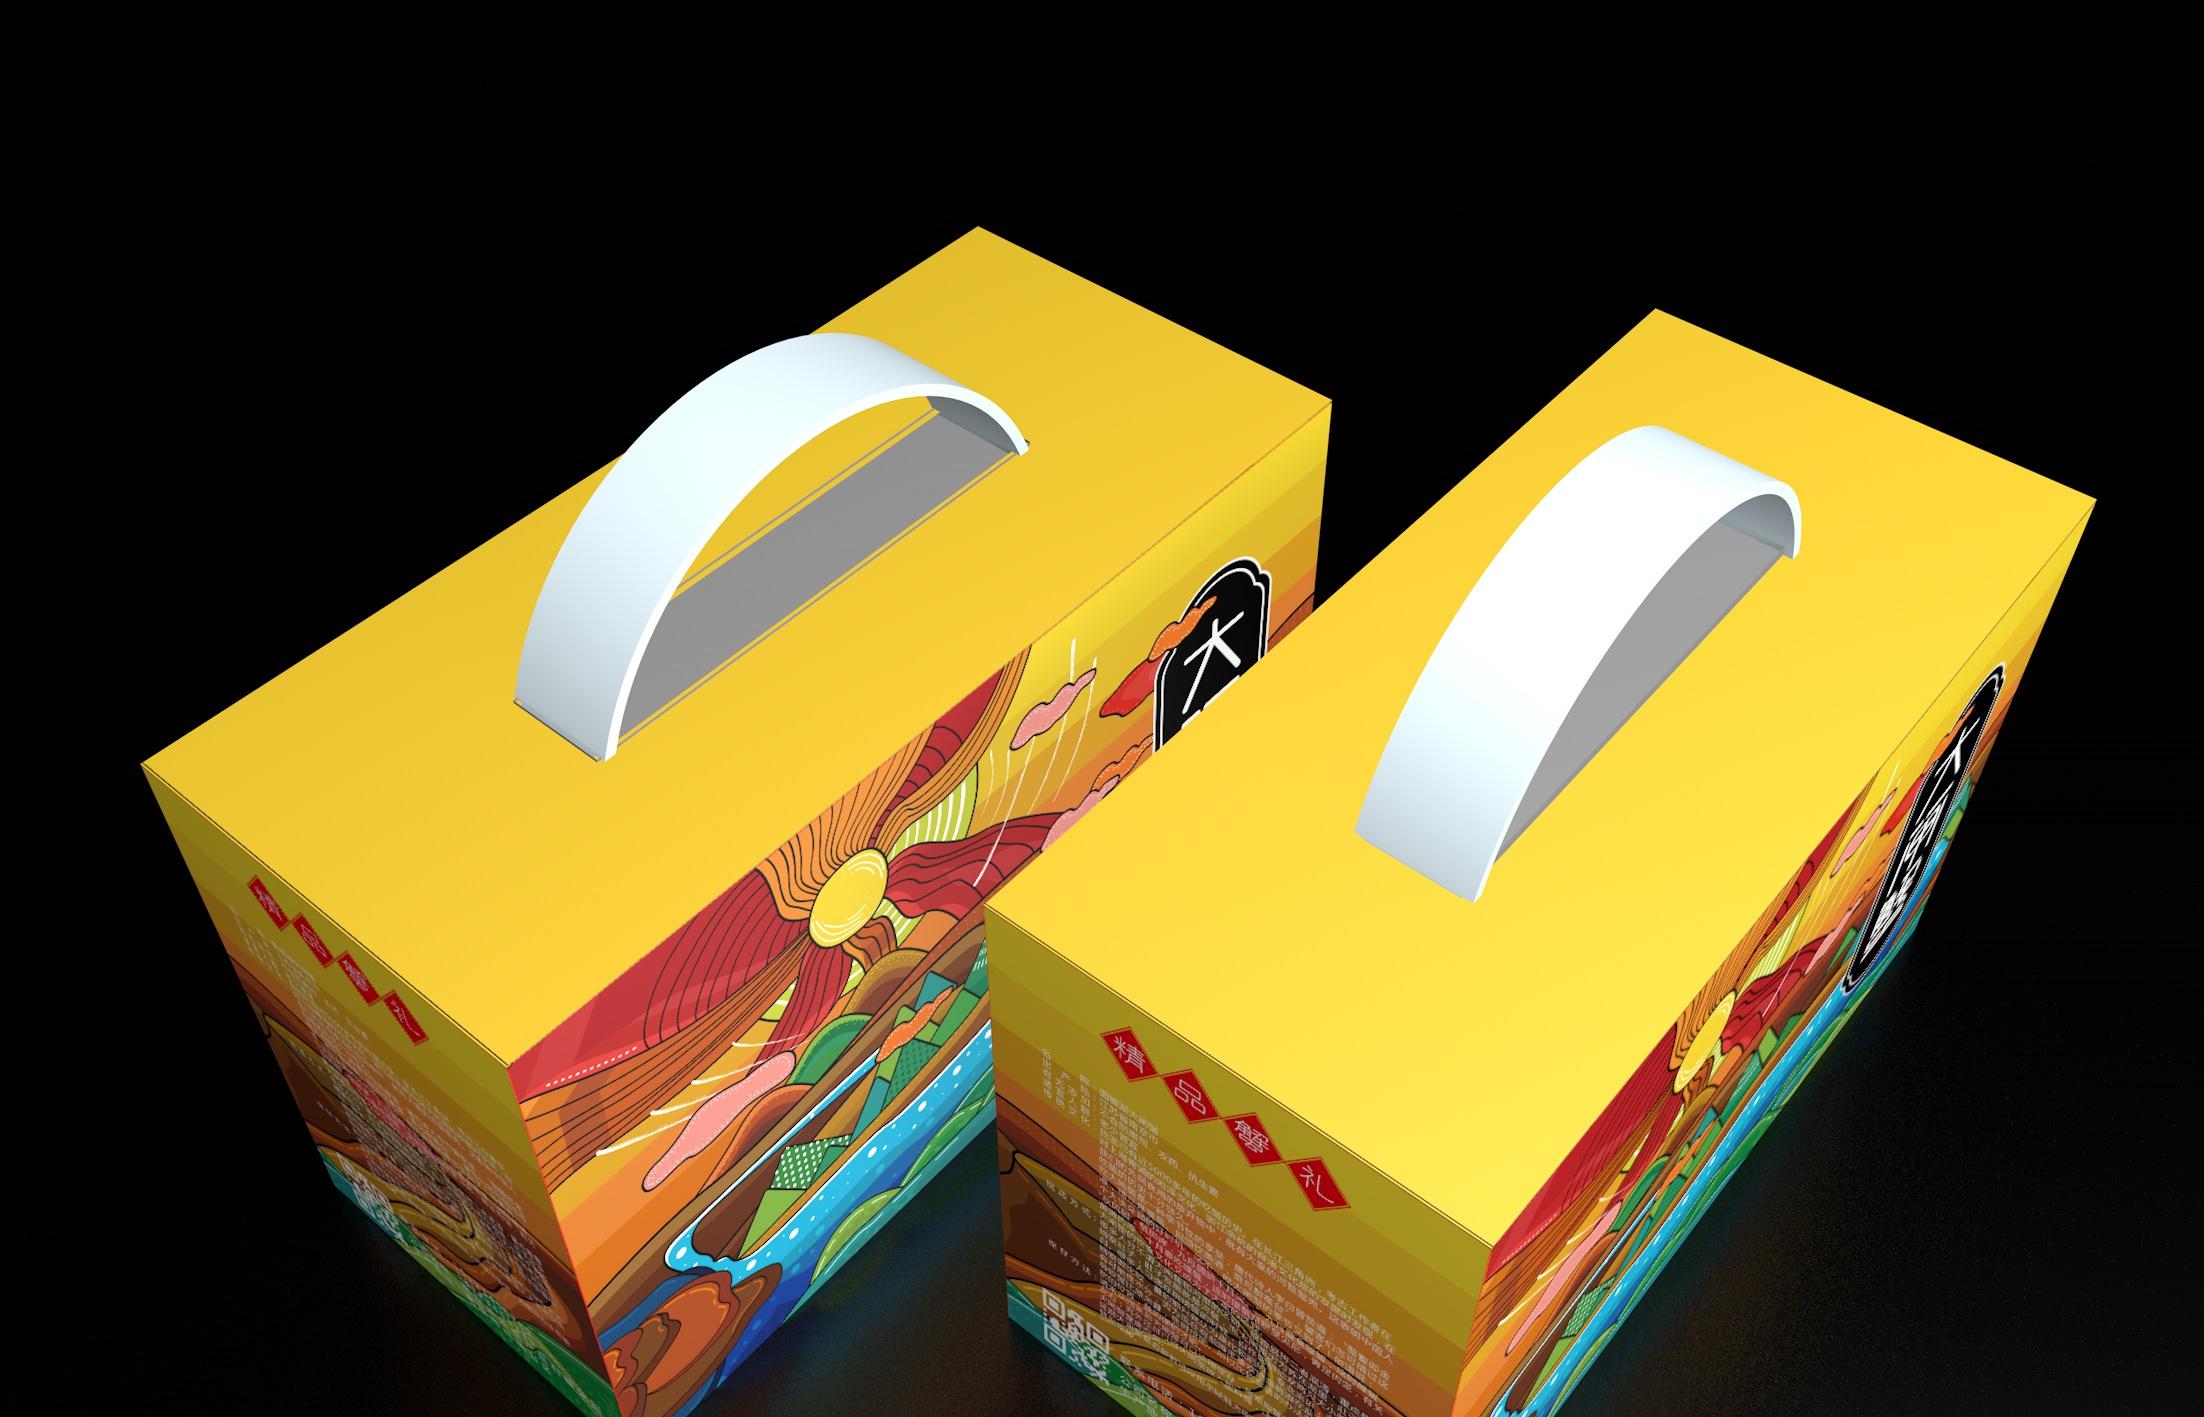 黄色瓦楞纸大闸蟹包装礼盒设计制作加工定制生产厂家